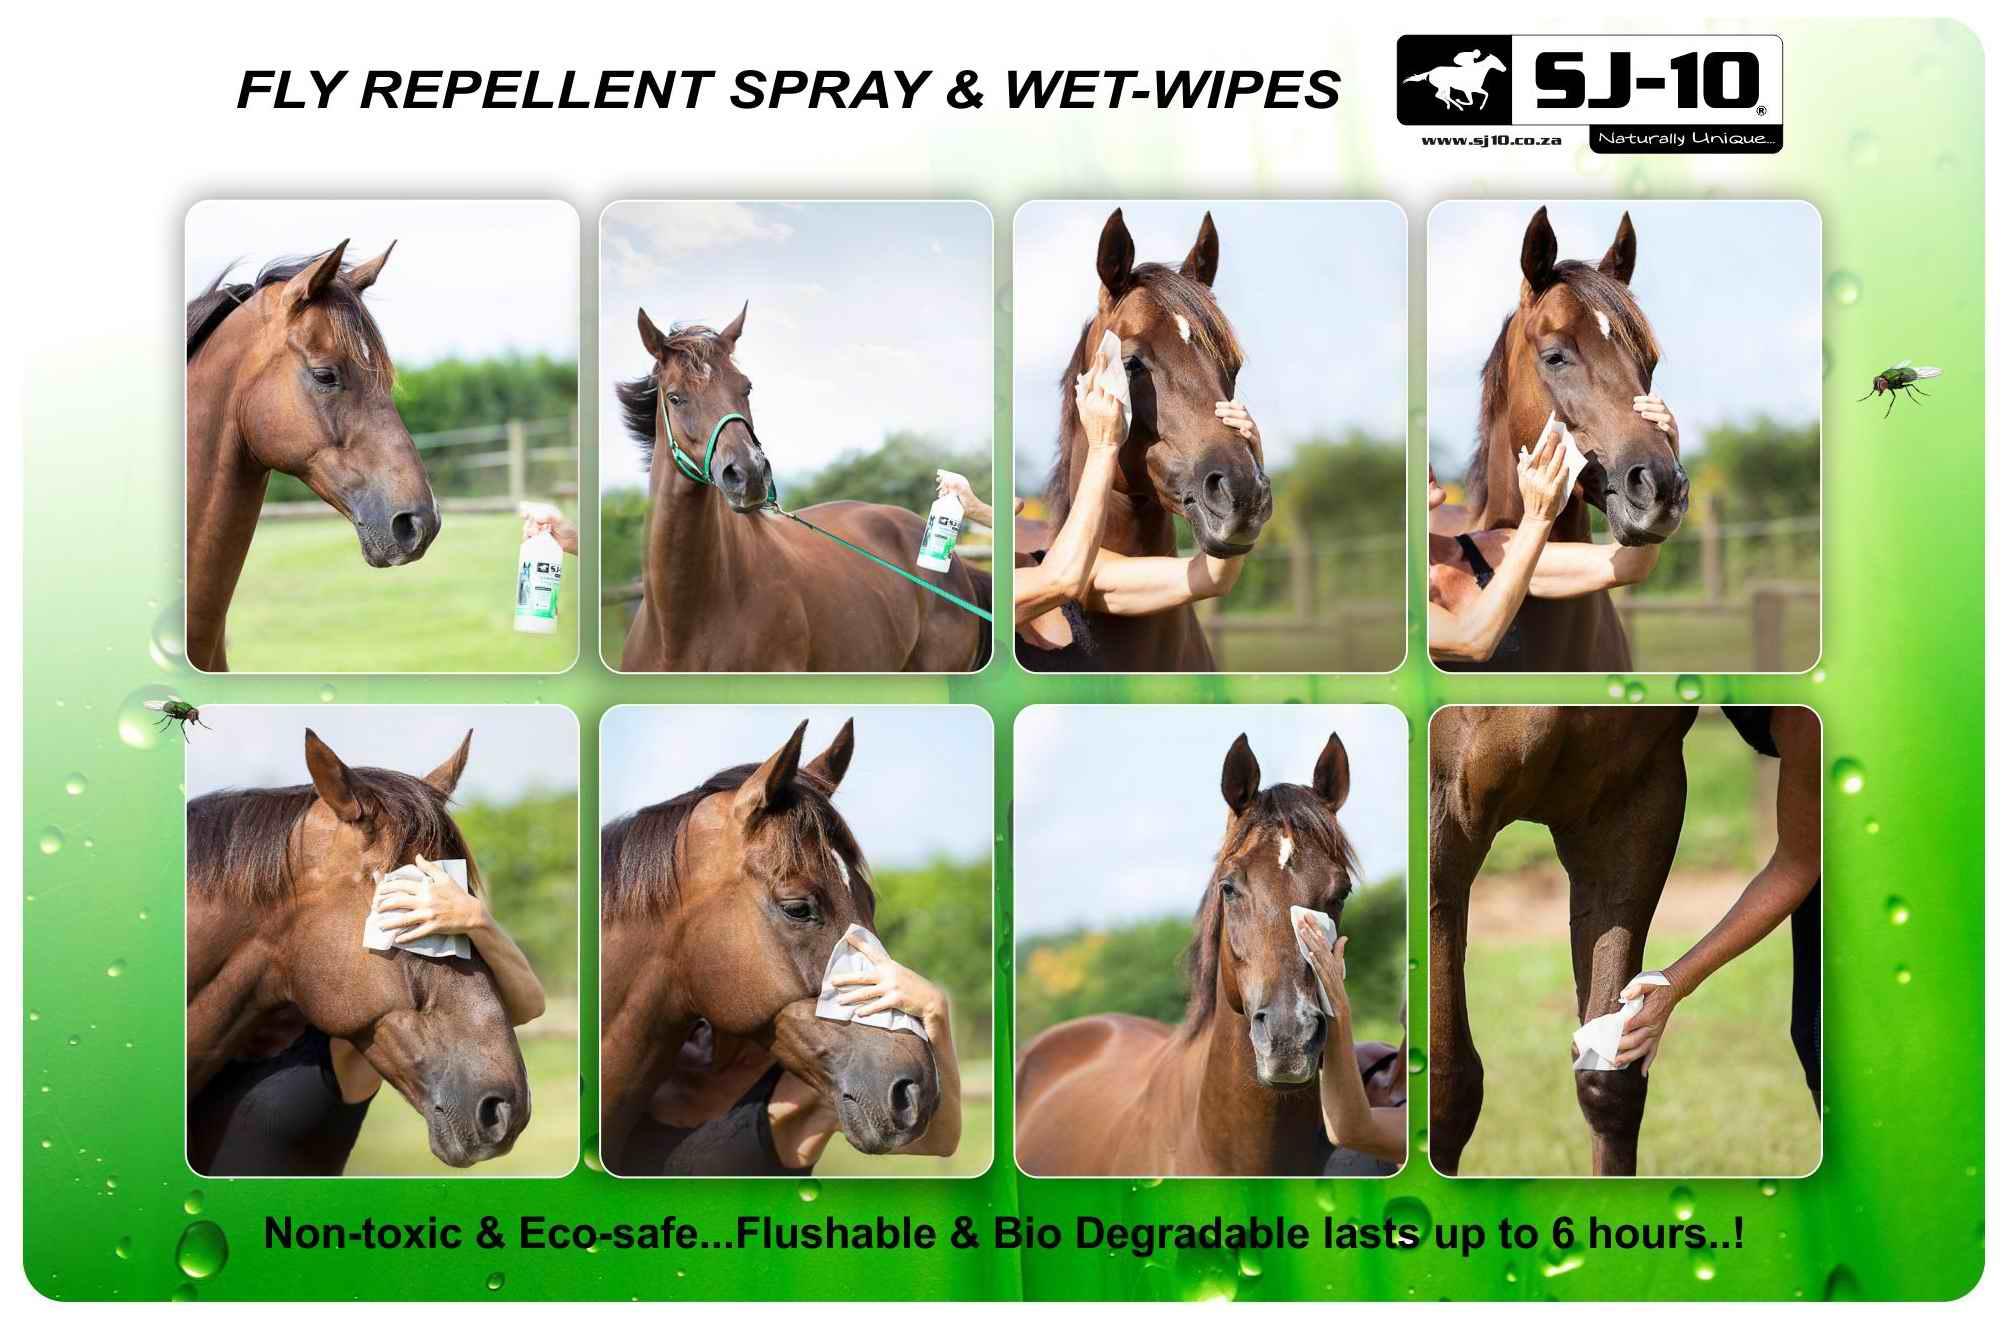 SJ-10 Fly repellent wet-wipes